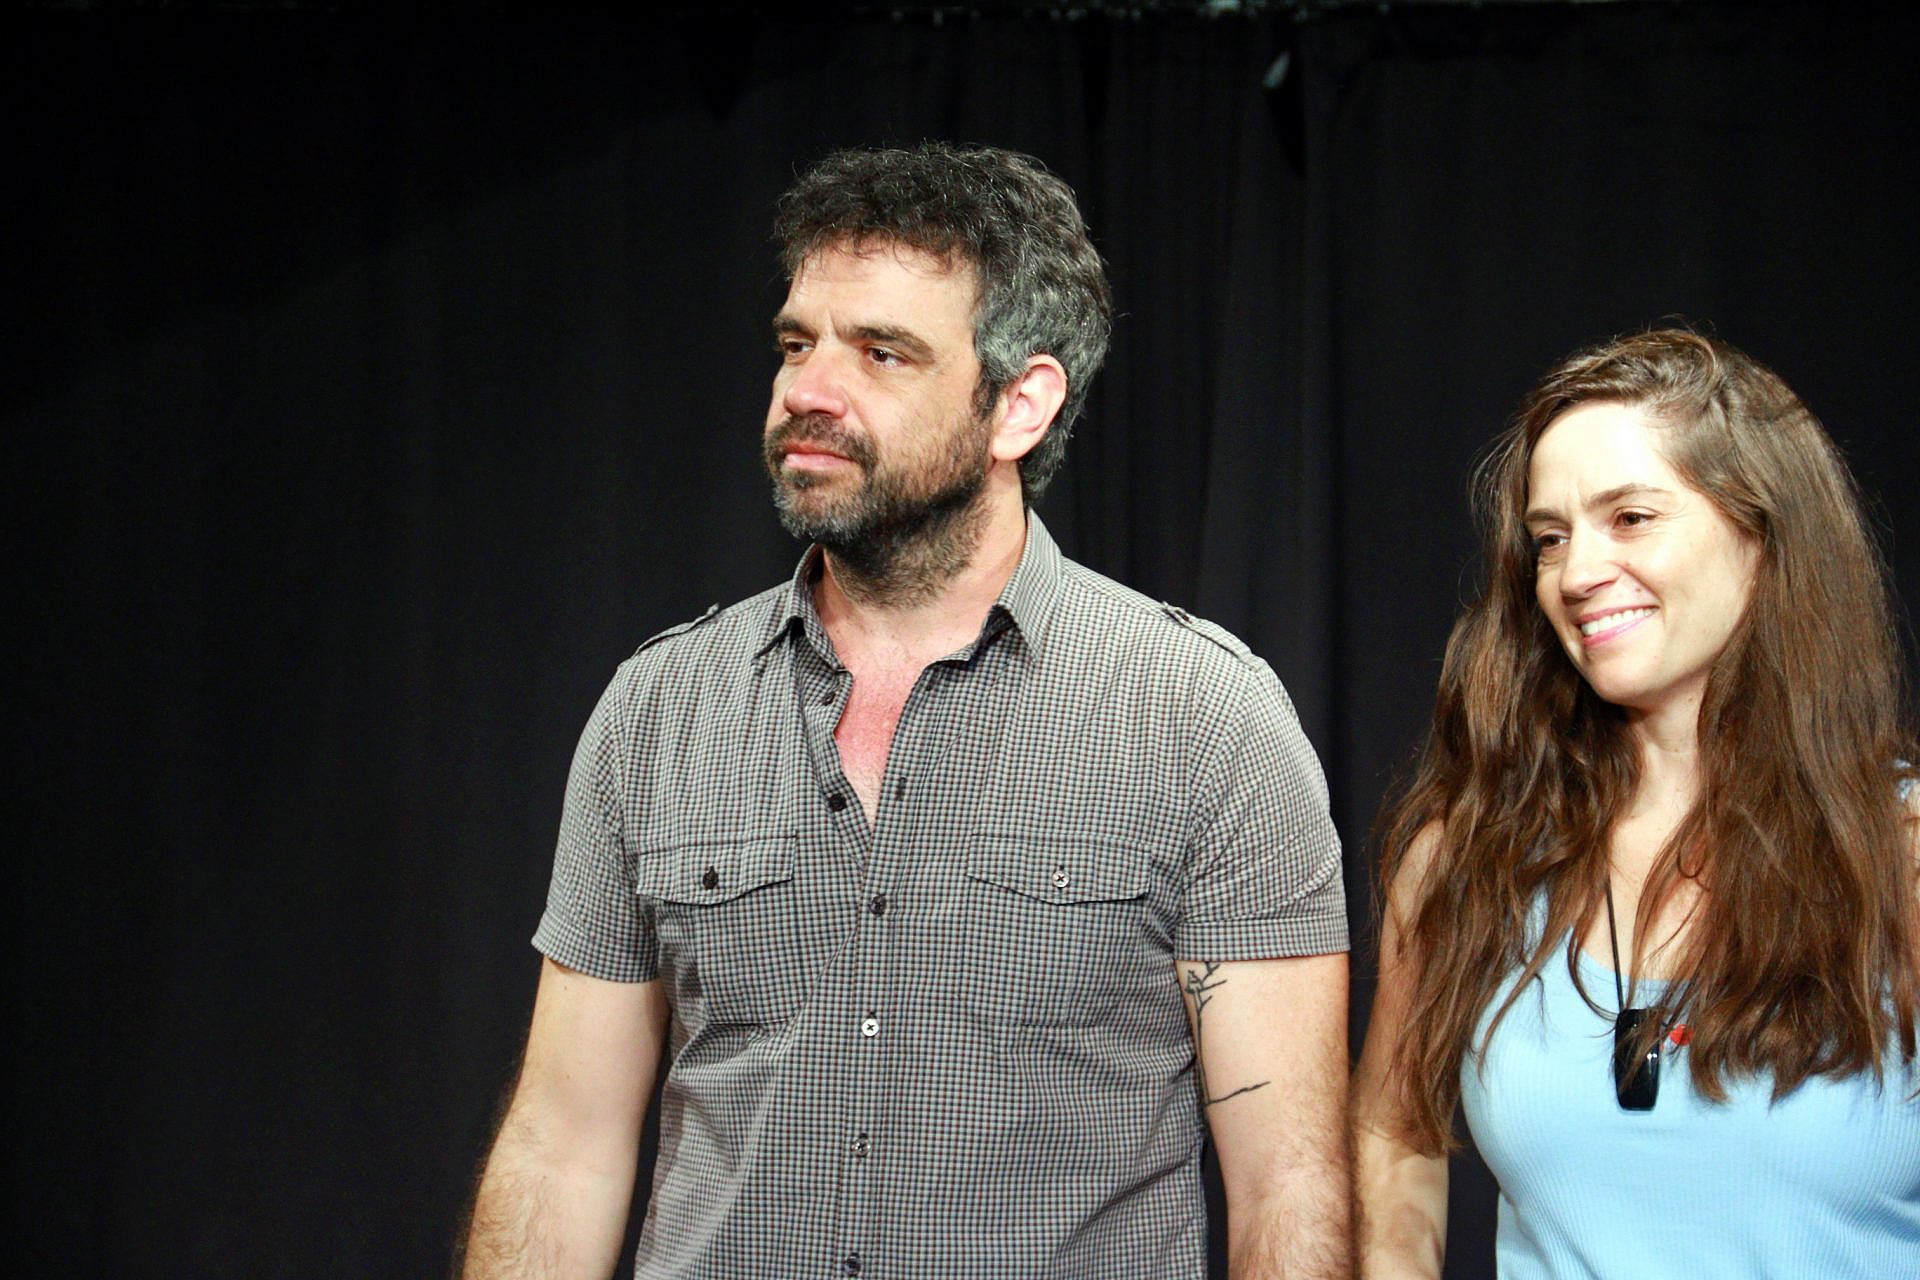 """טלי שרון ואסף סלומון בתסכית """"פרחים לא משקרים"""", פסטיבל און אייר (צילום: טרלן בן-אבי)"""